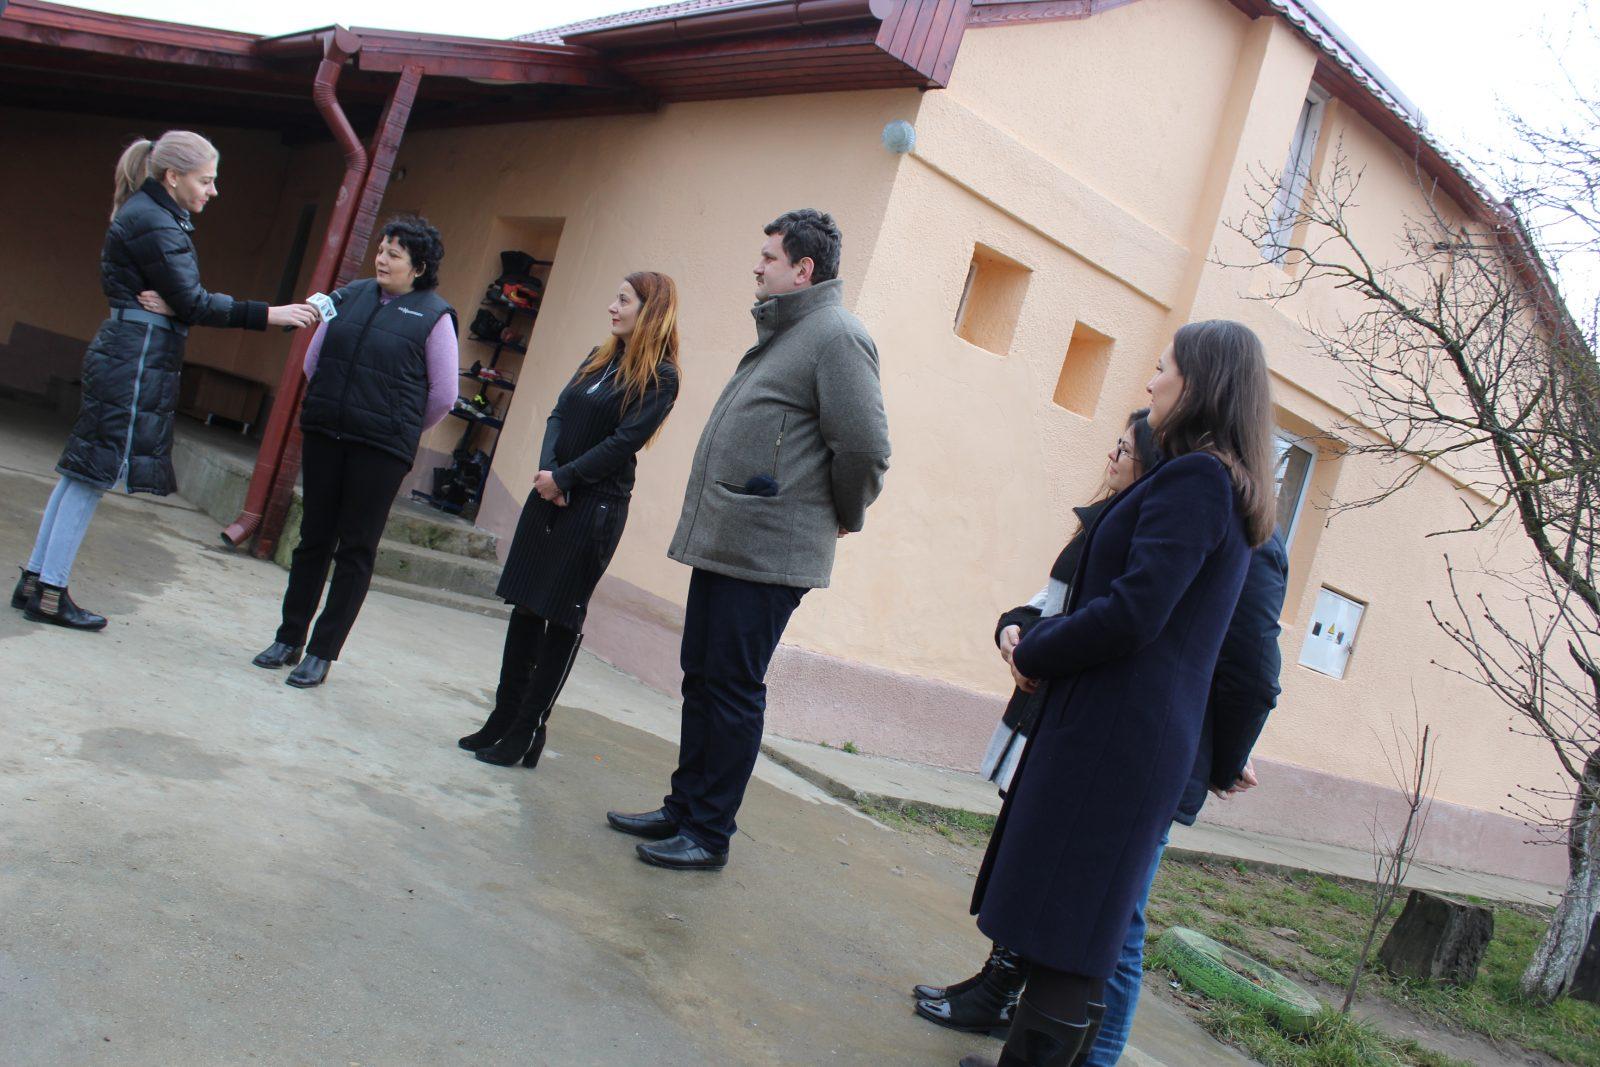 Lecție de civism și implicare în societate! Tinerii de la Rotaract au salvat copiii dintr-un centru de la a sta într-o casă în care până nu demult ploua